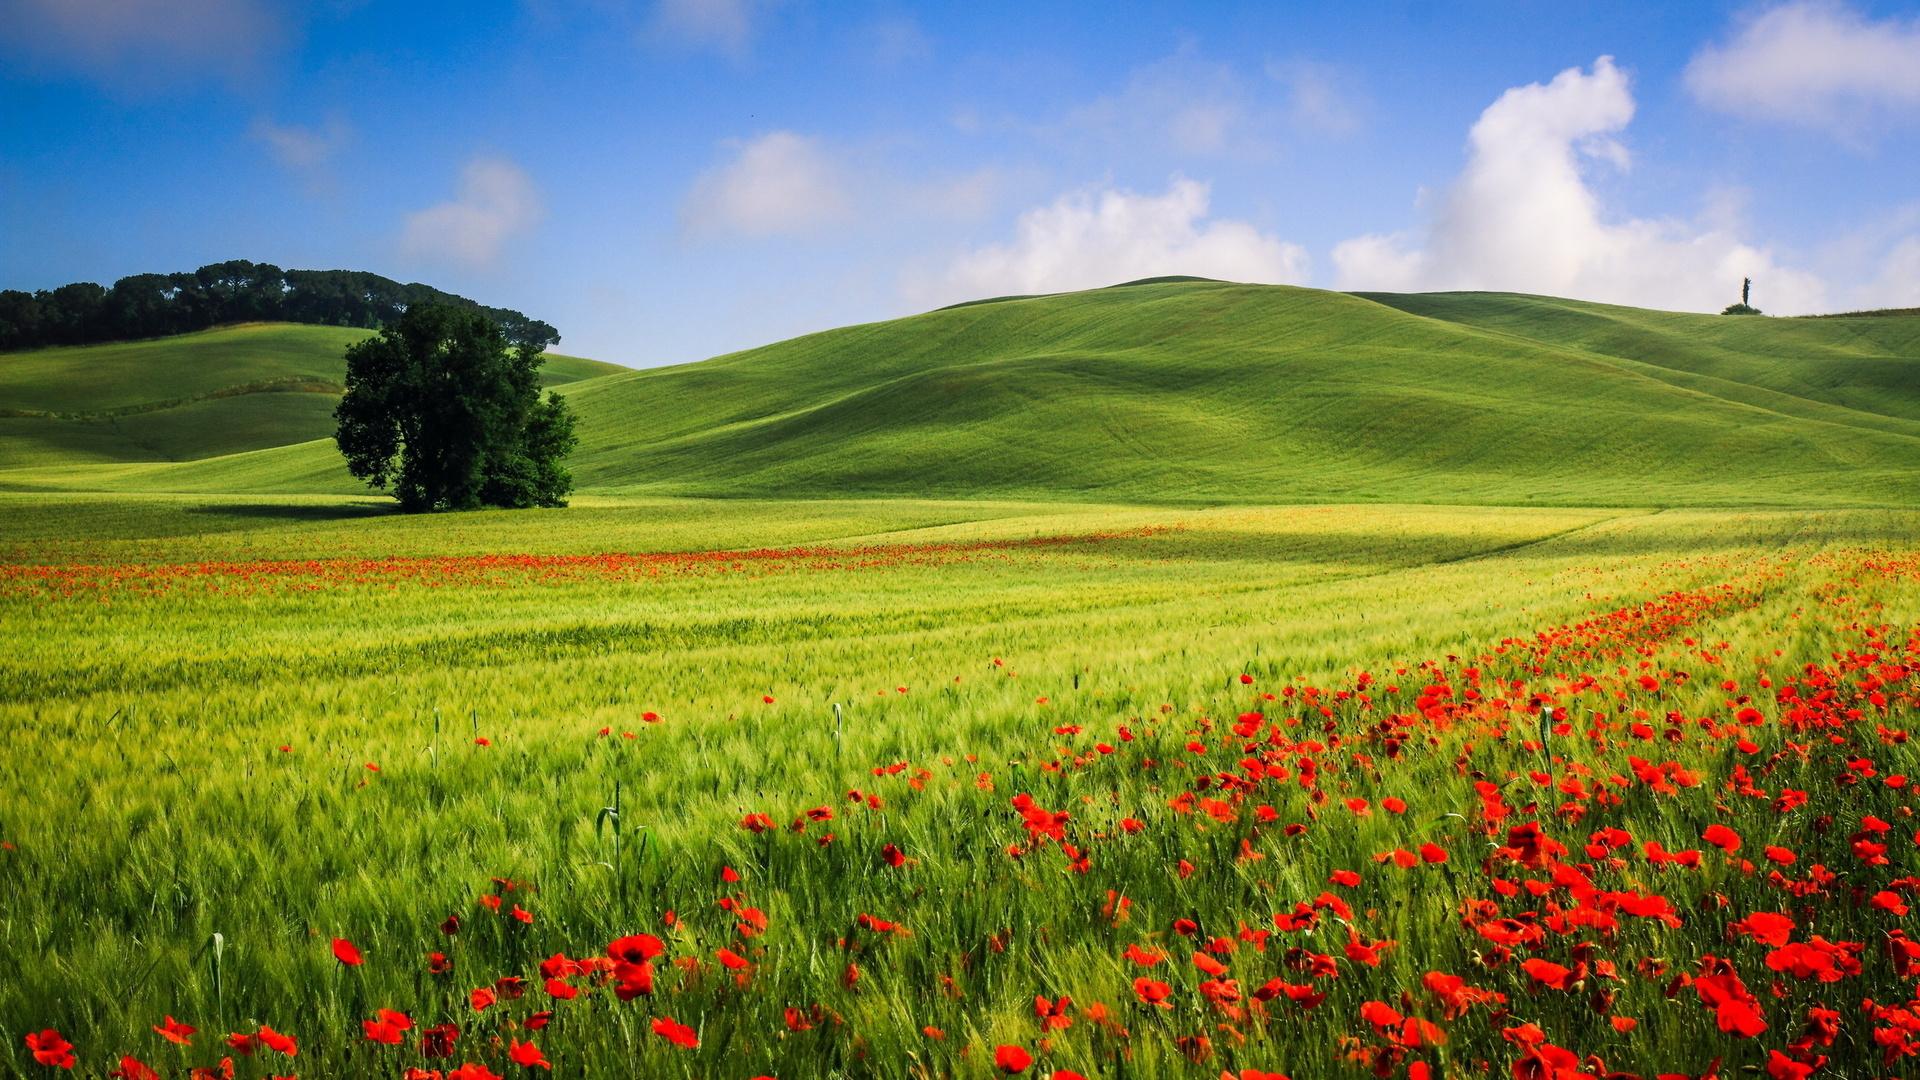 Картинки поля красивые большого разрешения